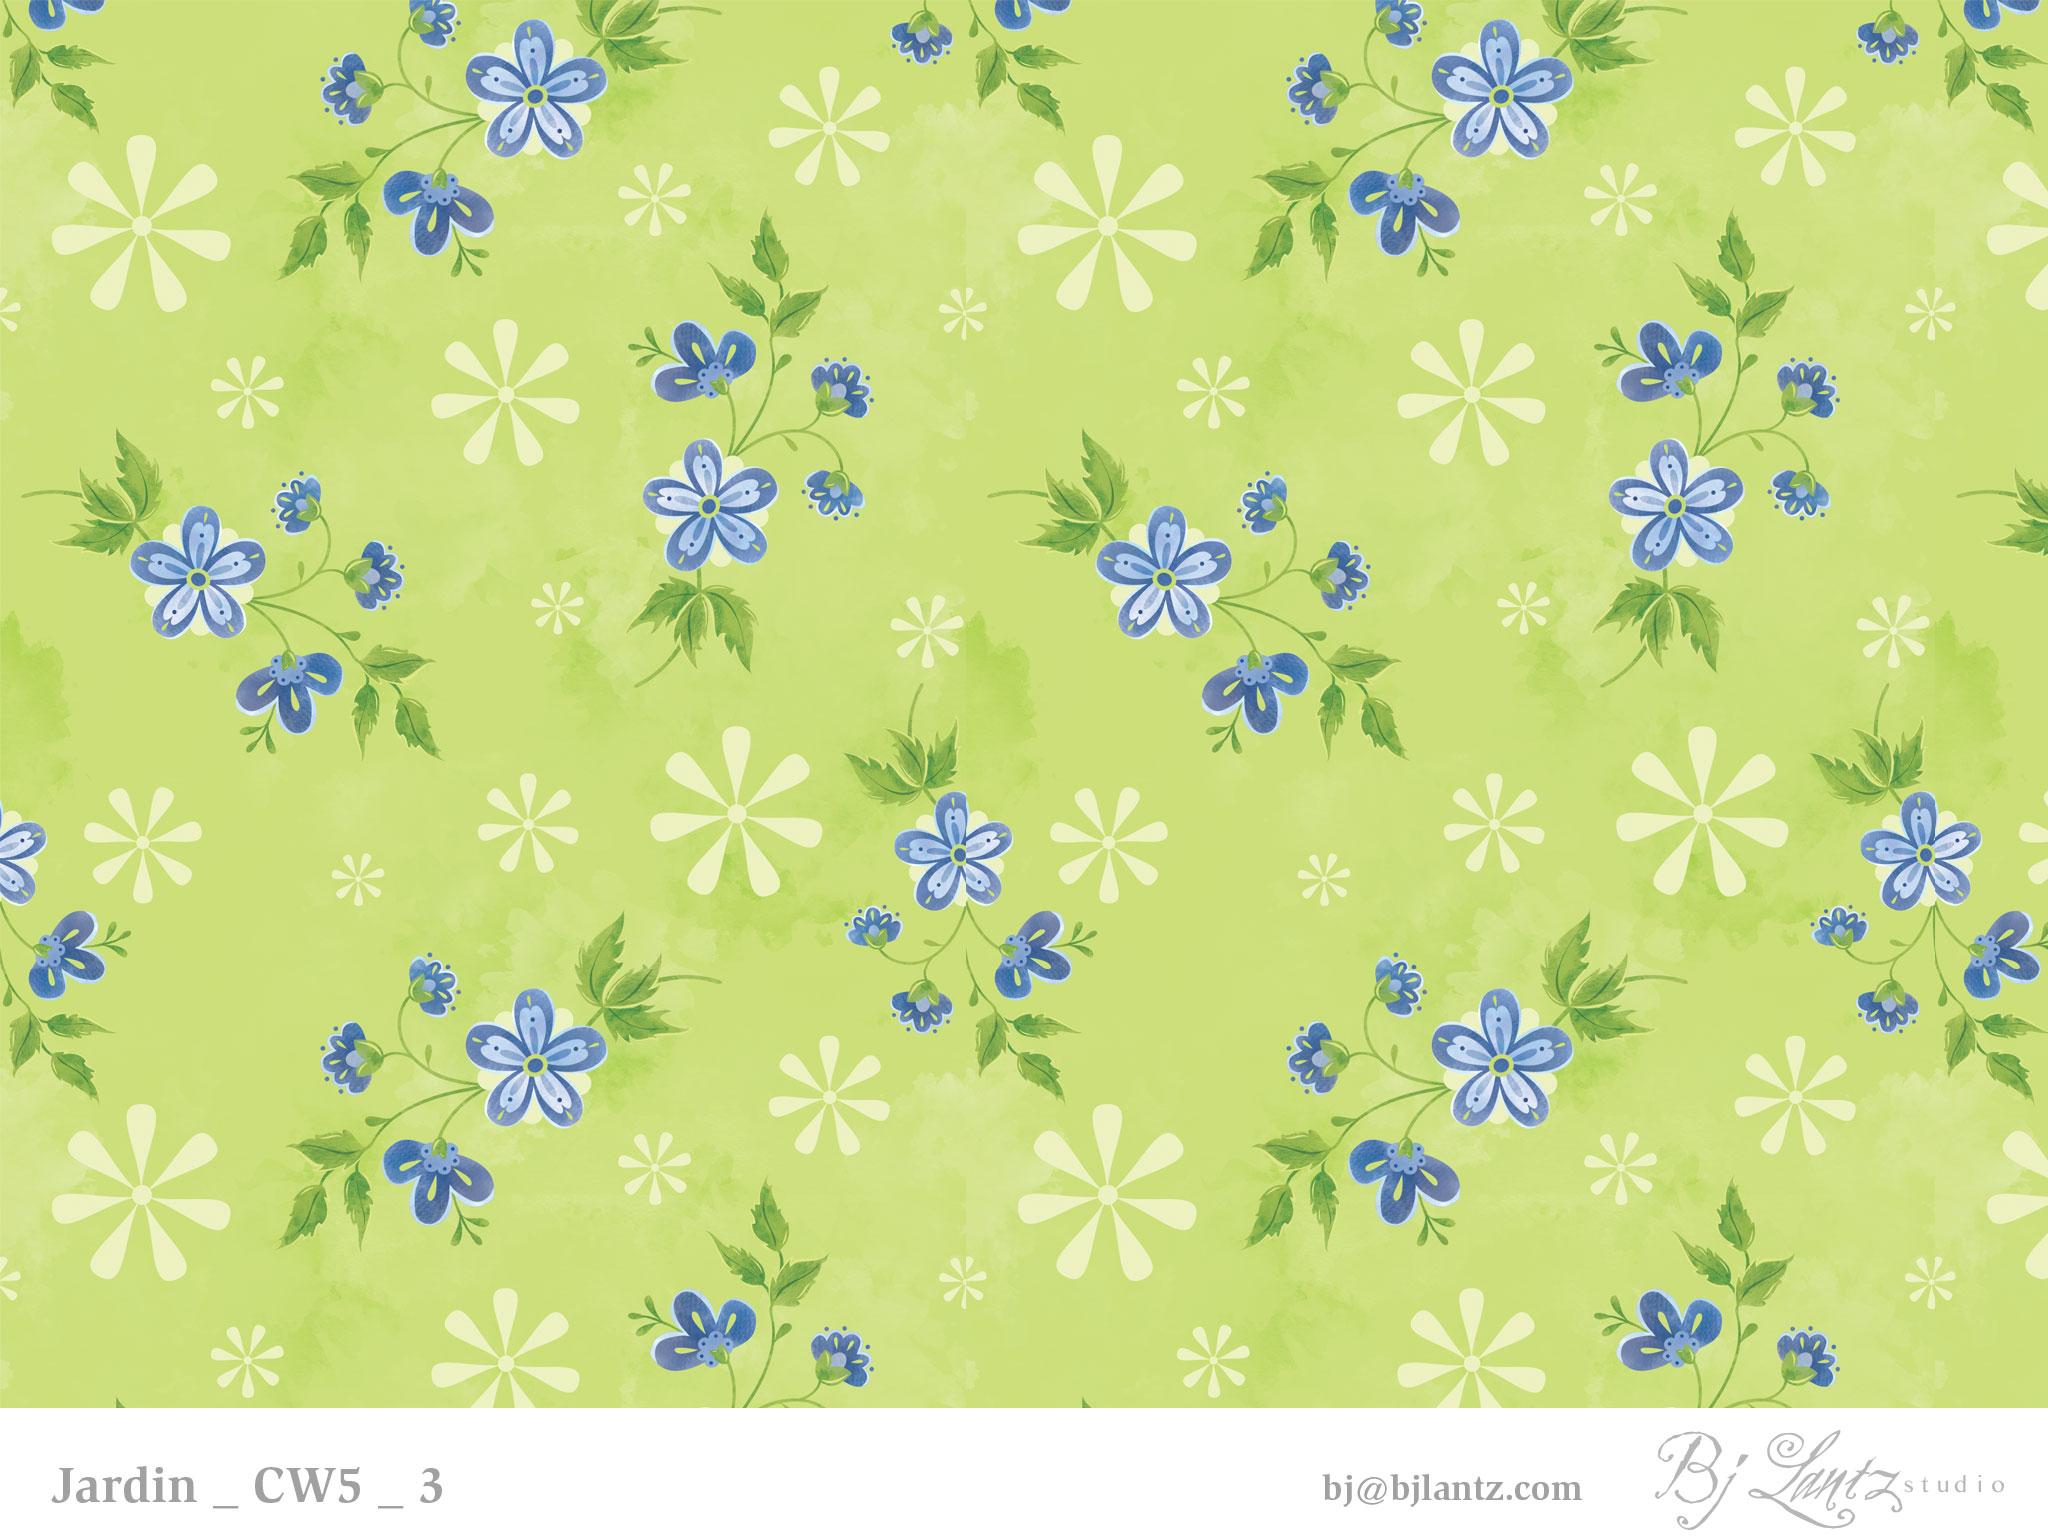 Jardin_CW5-BJ-Lantz_3.jpg